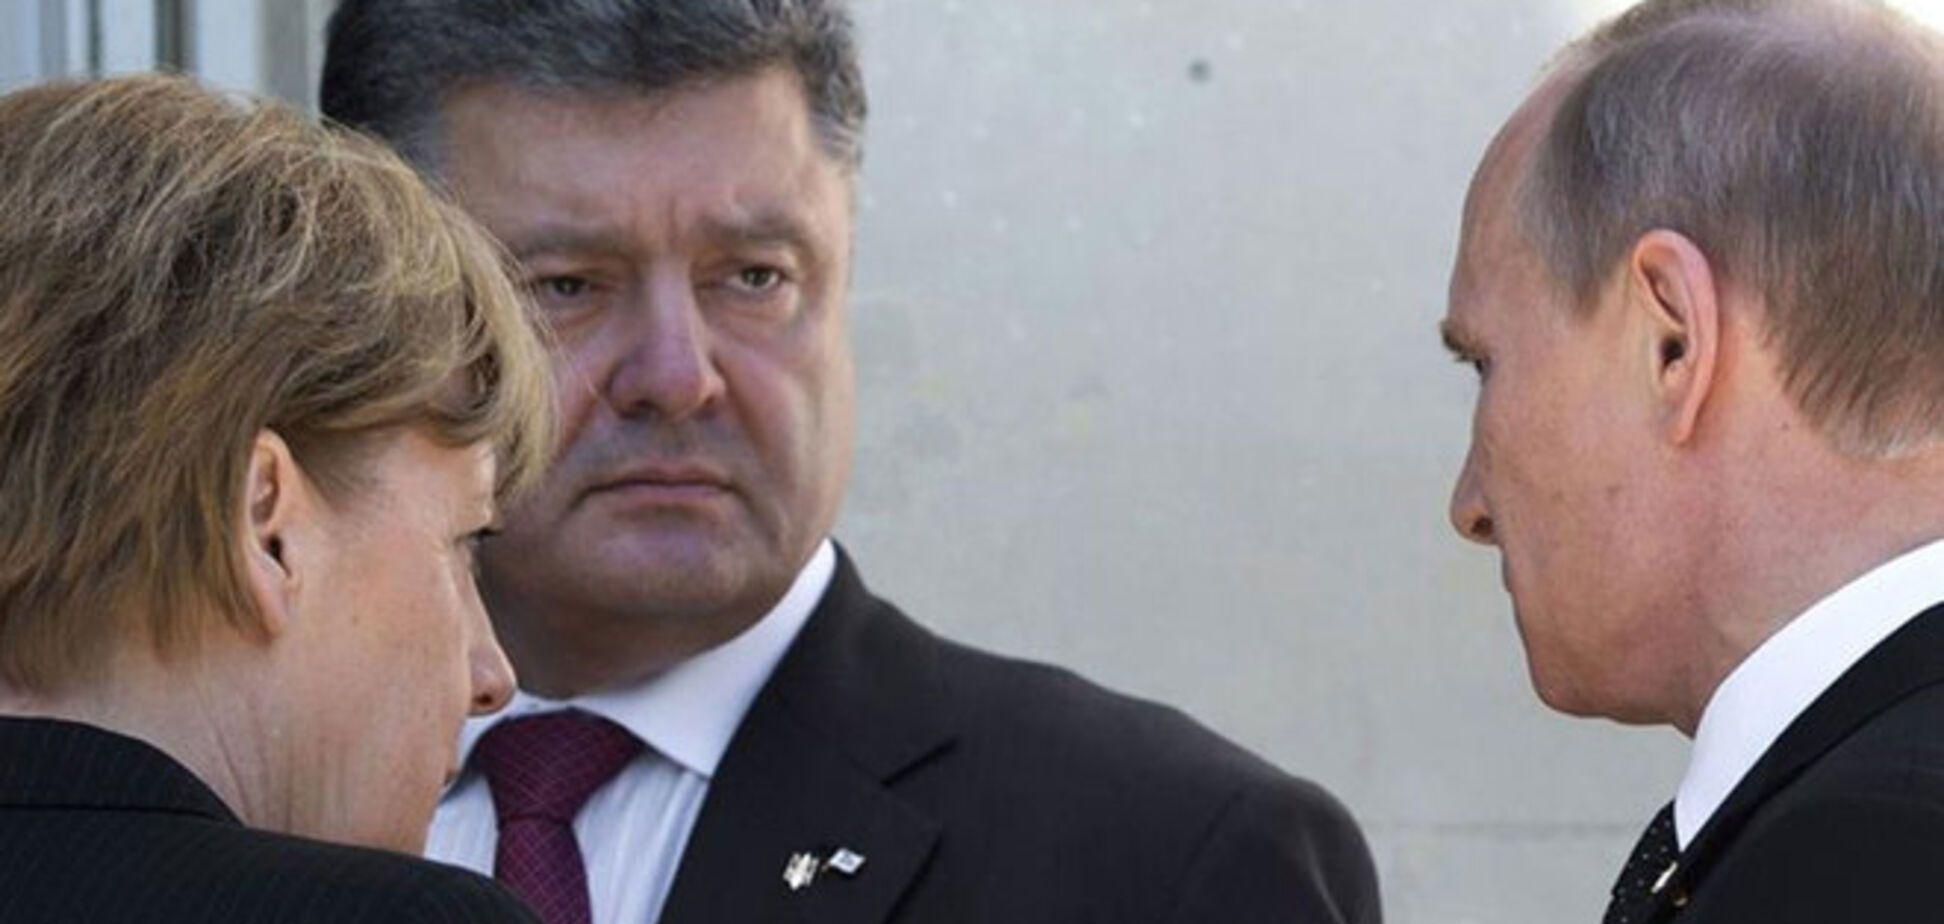 Встреча в Минске может стать последним шансом объявить безусловное прекращение огня – Порошенко